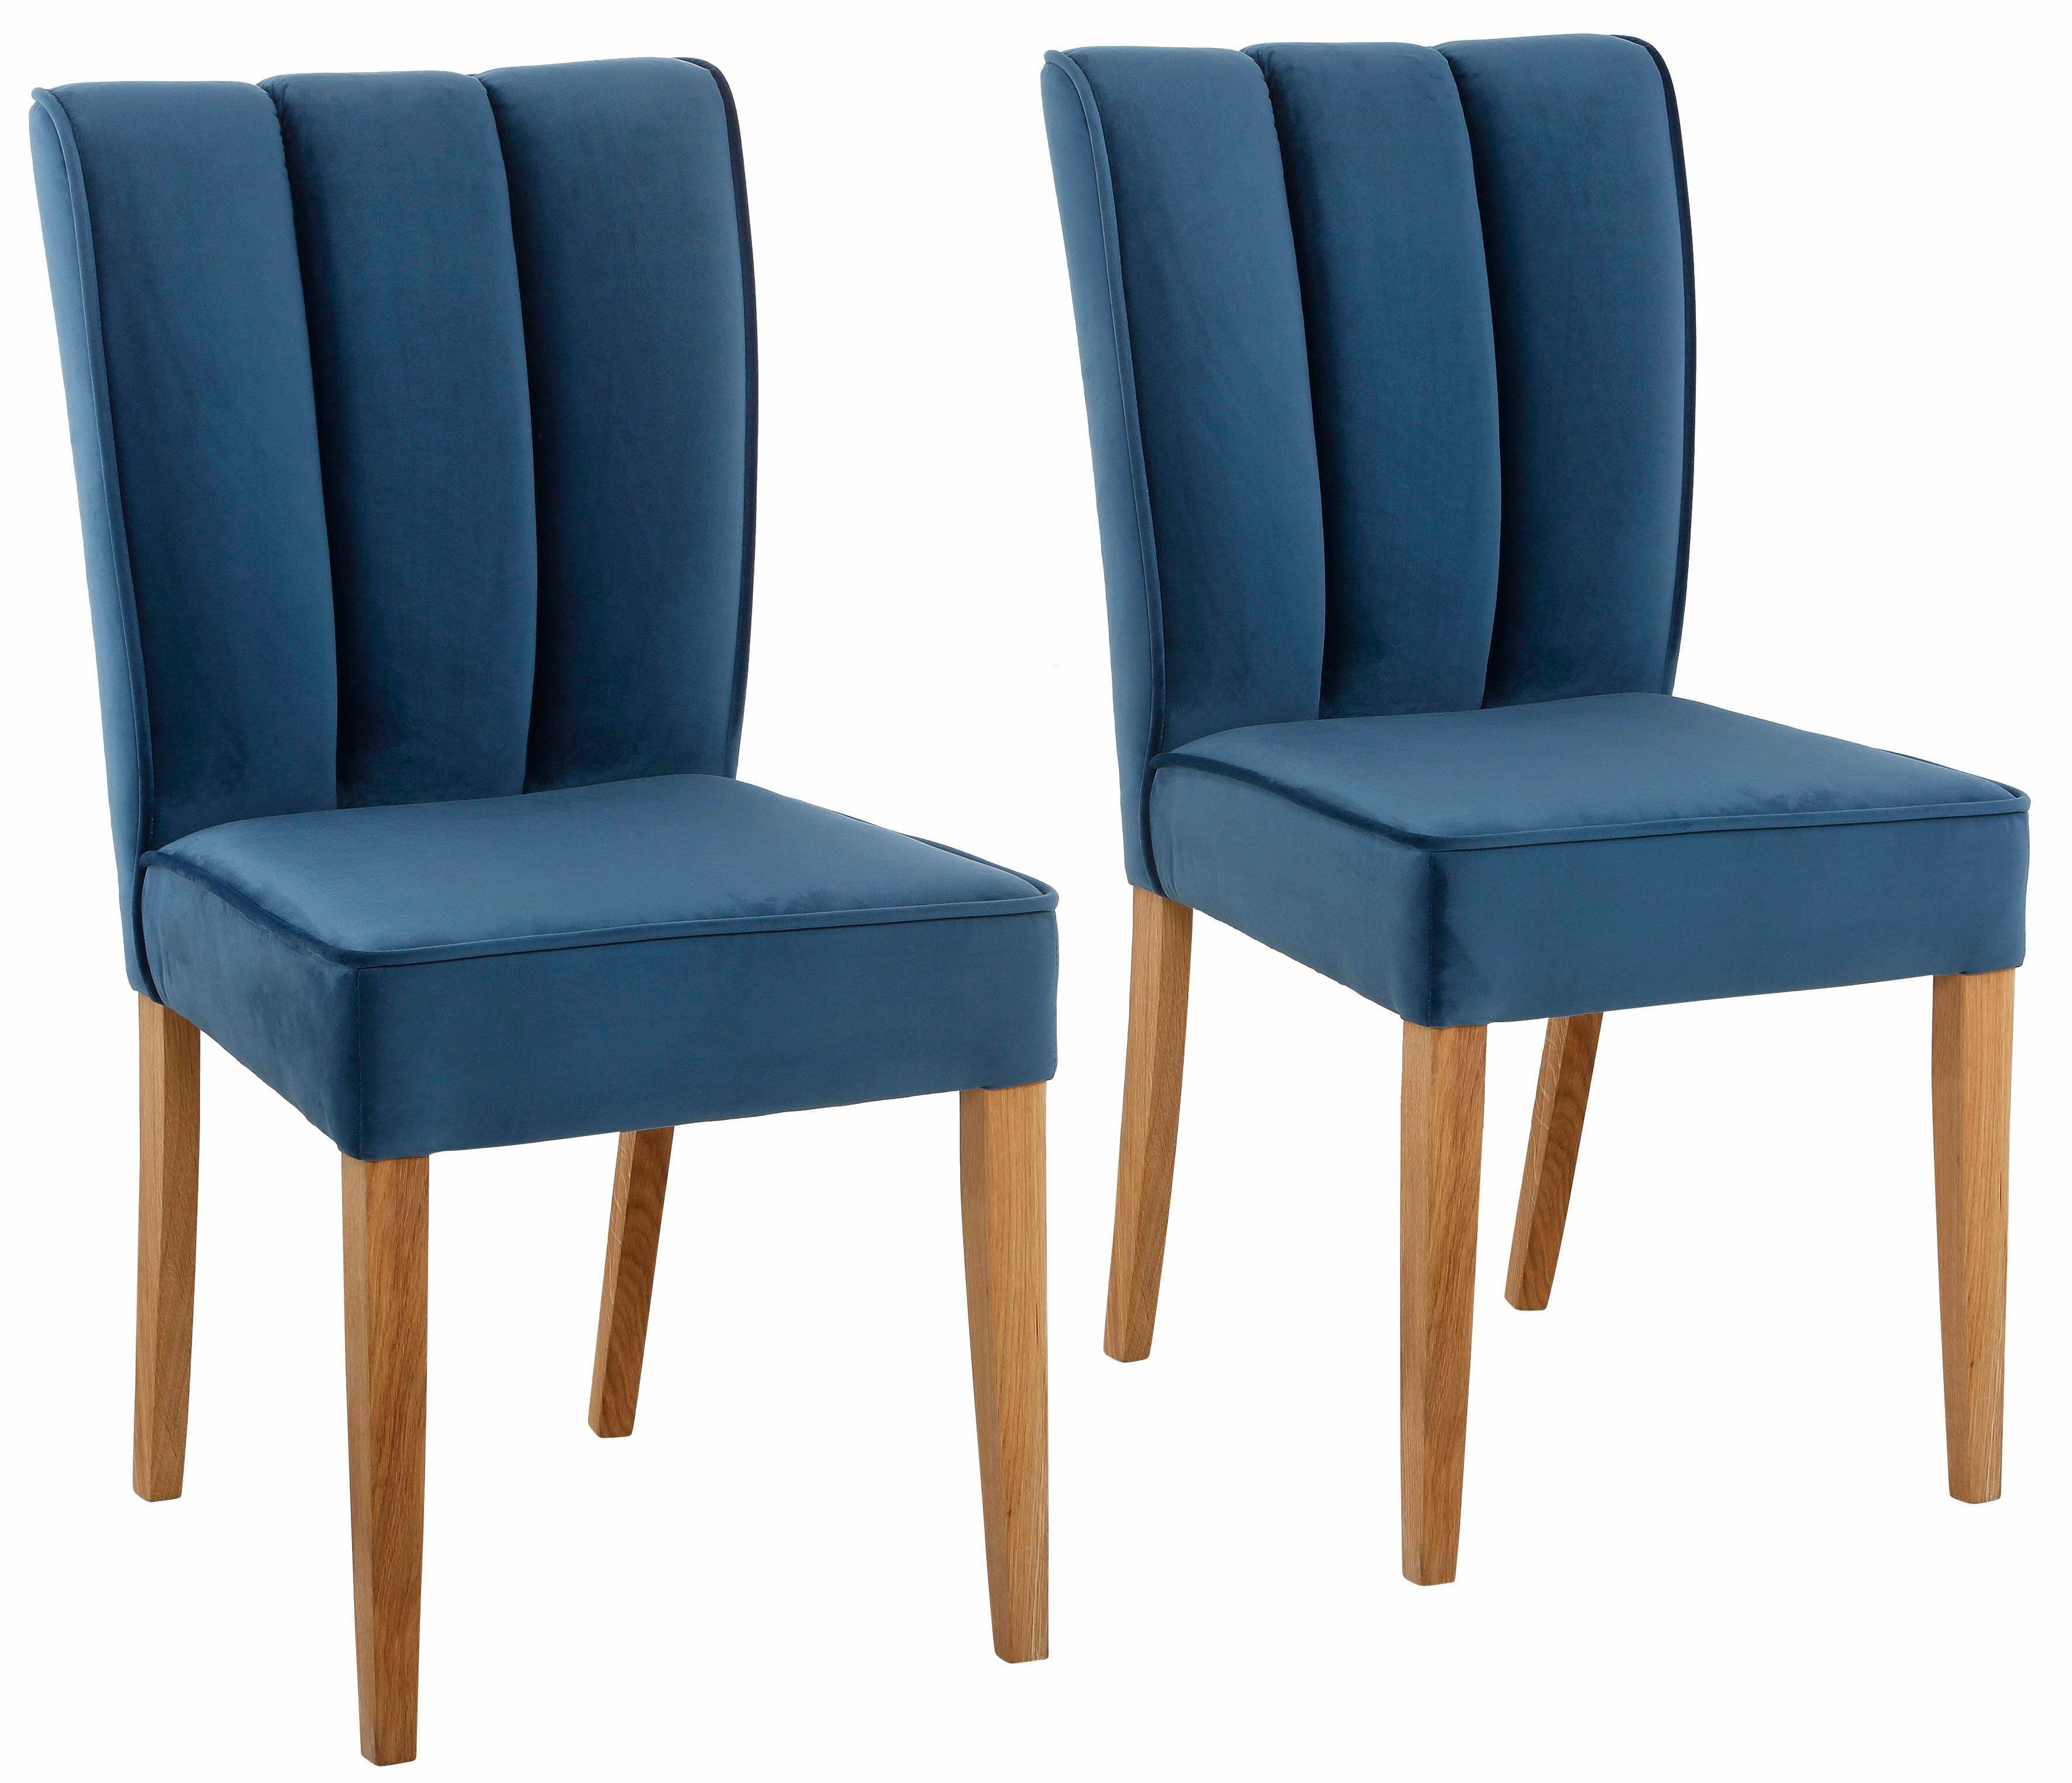 blau-samt Polsterstühle online kaufen   Möbel-Suchmaschine ...